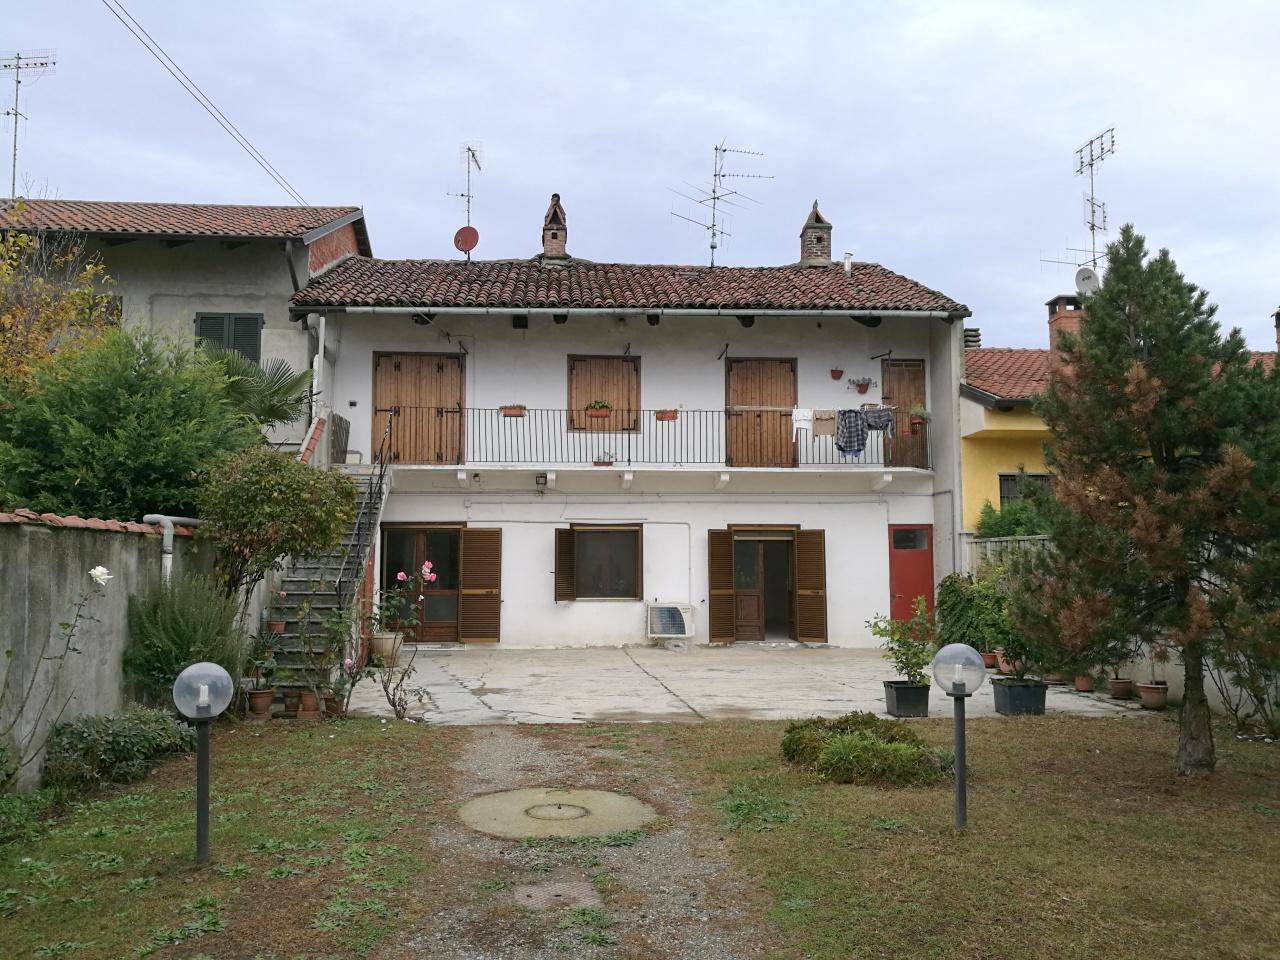 Appartamento in vendita a Torrazza Piemonte, 3 locali, prezzo € 49.000 | CambioCasa.it